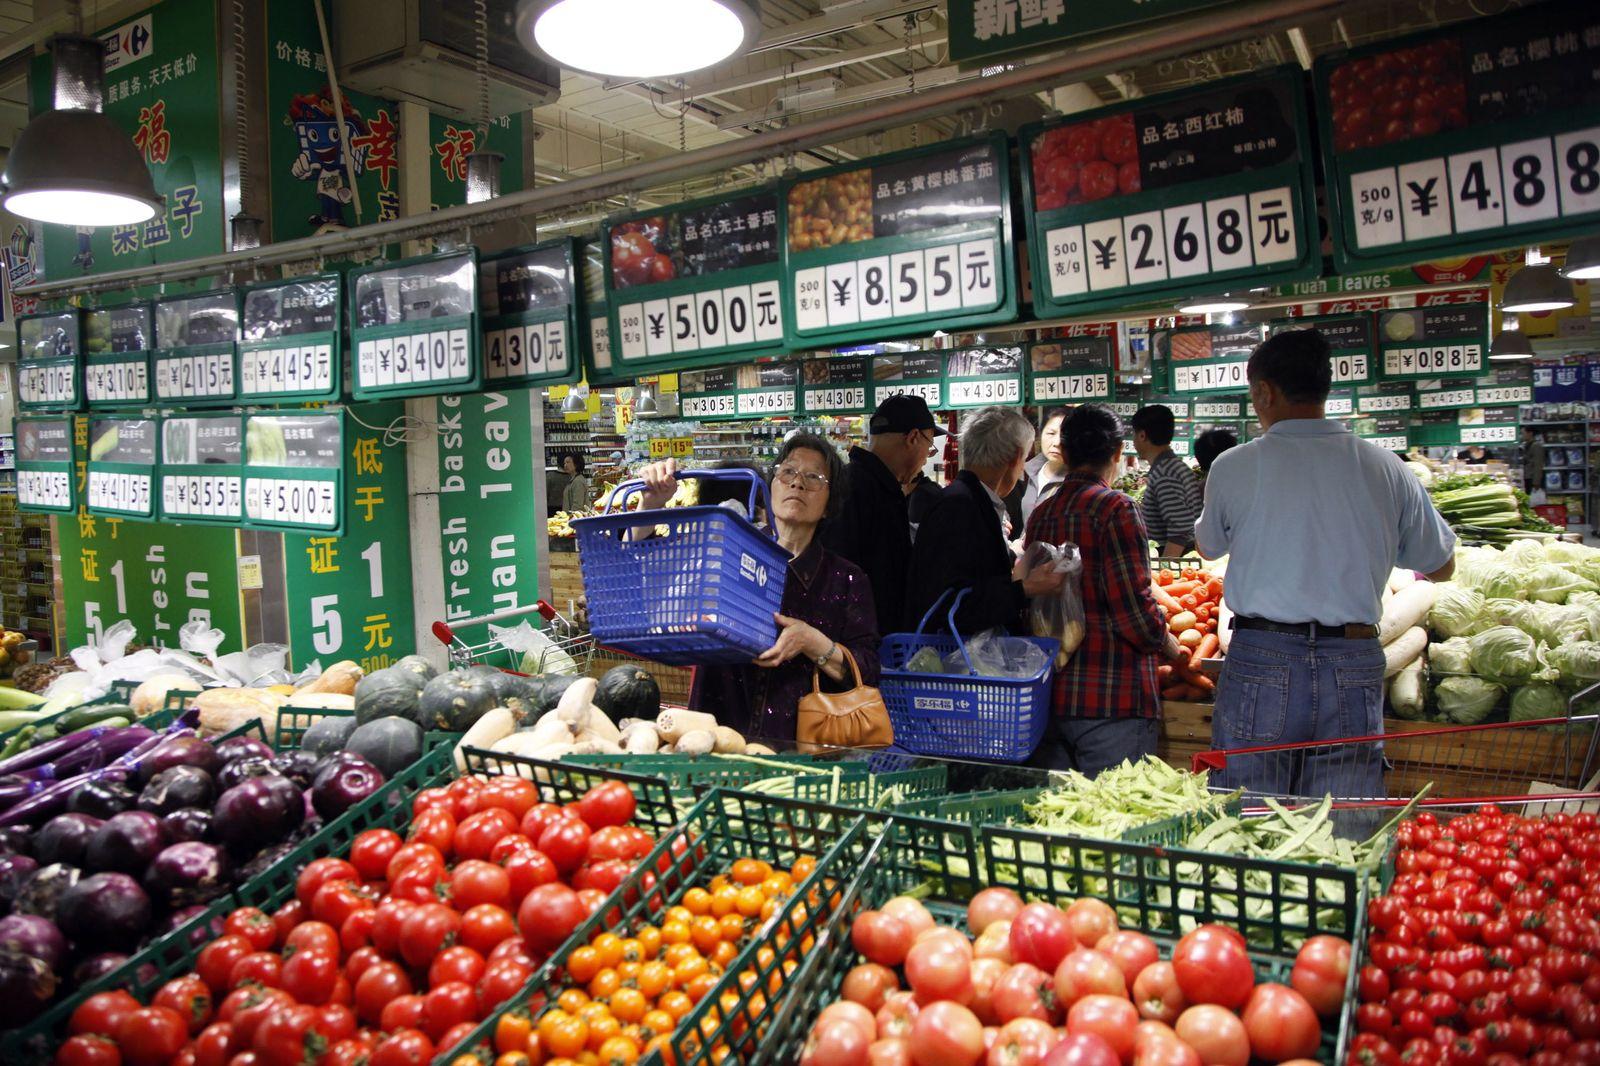 China Inflation / Supermarkt / Gemüse / Preissteigerung